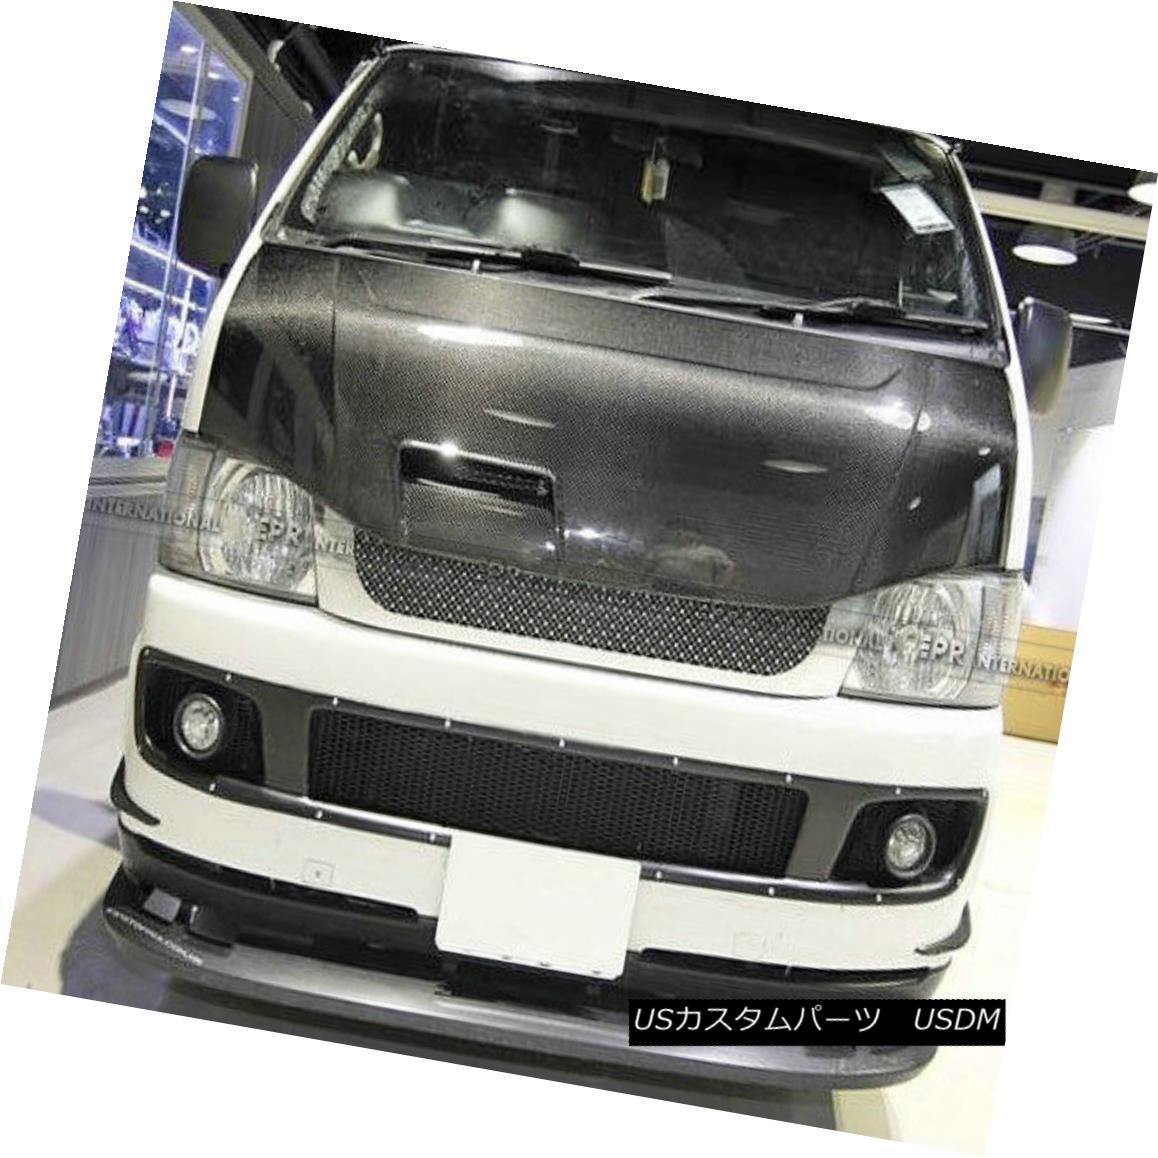 エアロパーツ AERest Vented Hood Bonnet Body Kit For Toyota 2010 Hiace 200 Carbon Fiber Racing トヨタ2010ハイエース200カーボンファイバーレーシング用AEREST Vented Hoodボンネットボディーキット